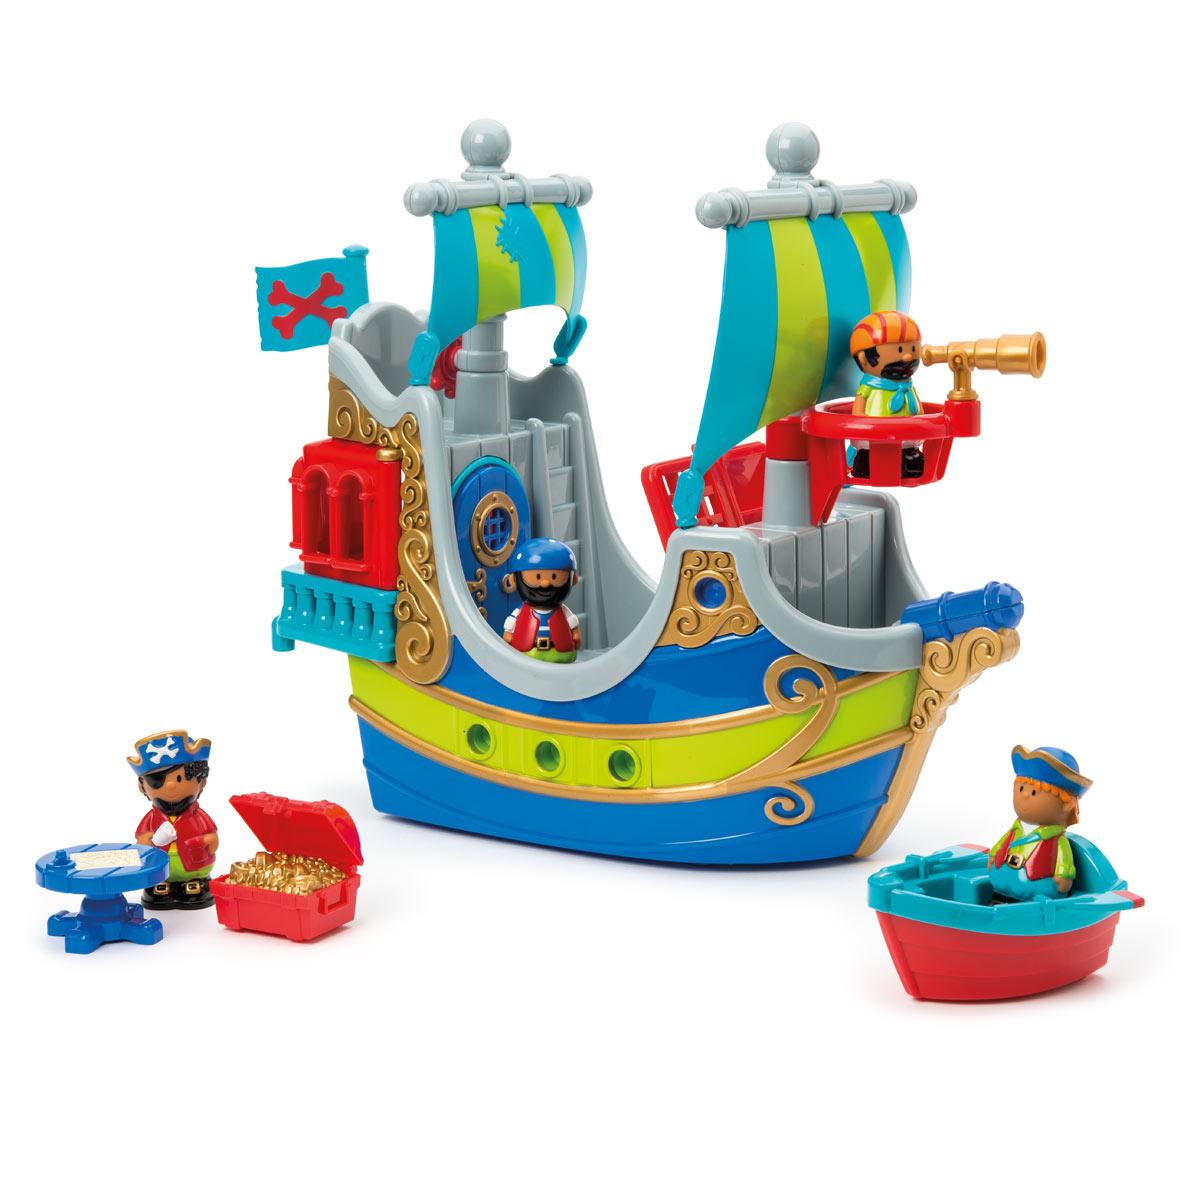 Bateau Pirate Happyland serapportantà Jouet Pour 5 Ans Garcon